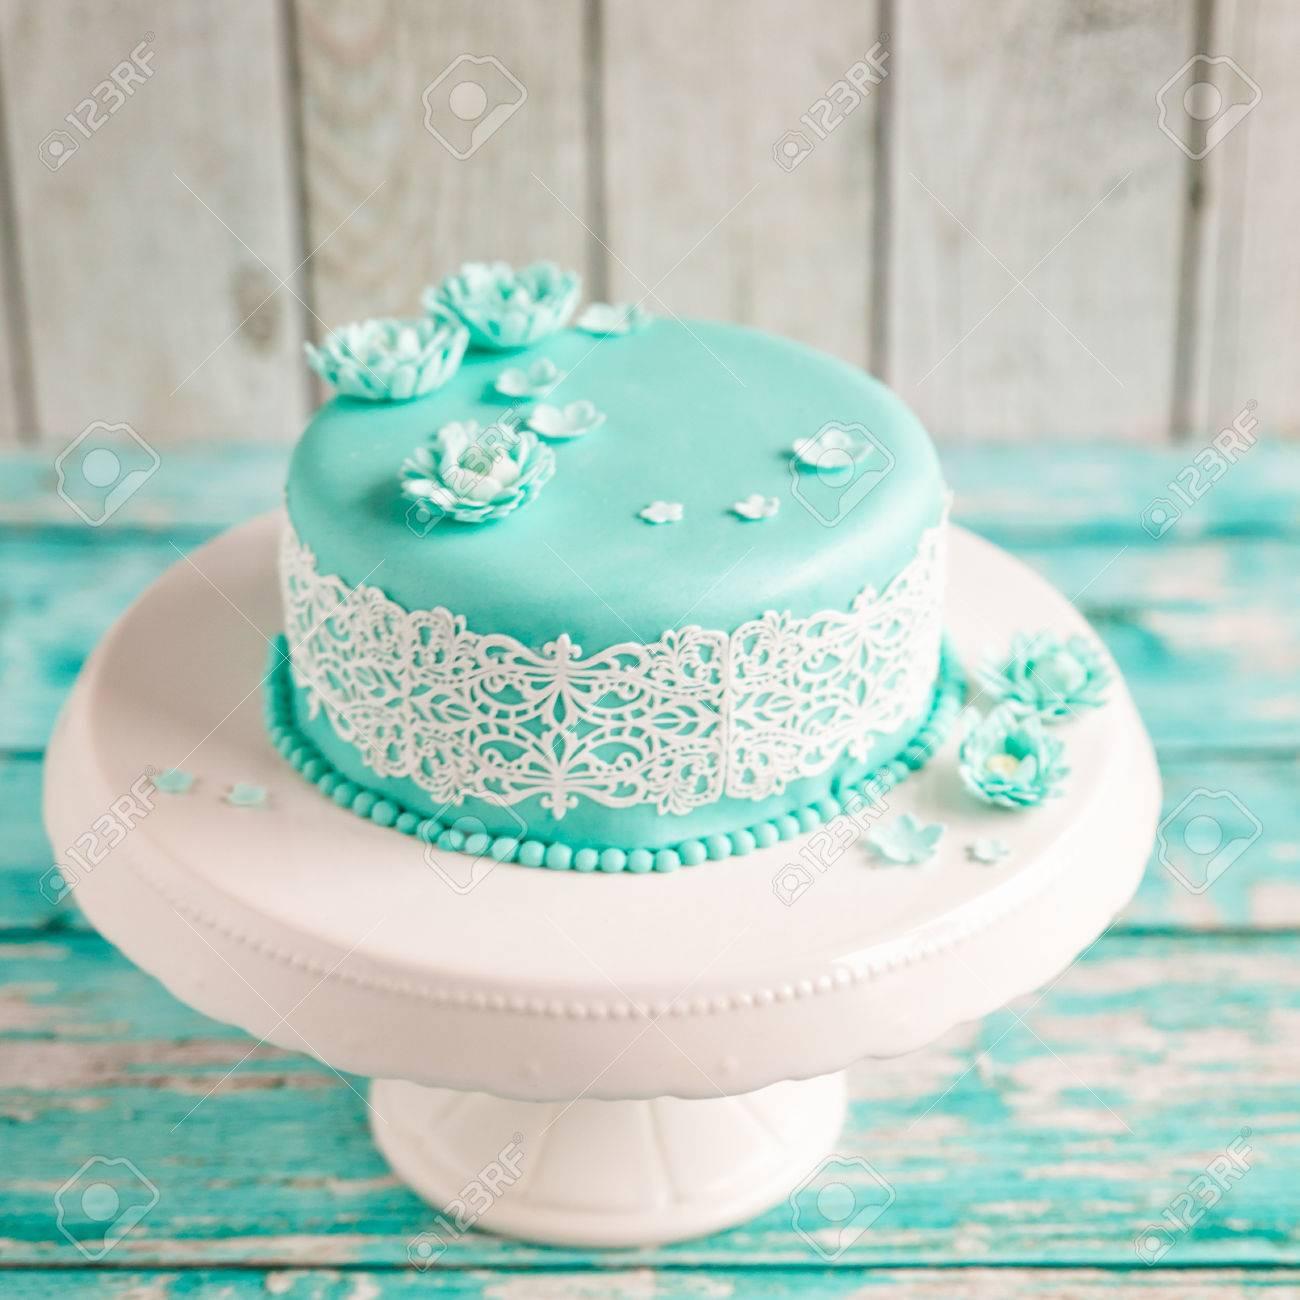 Gâteau De Mariage Avec Mastic Turquoise Et Glaçage En Dentelle Blanche Décoré De Fleurs De Mastic Sur élégant Stand Blanc Sur Fond De Bois